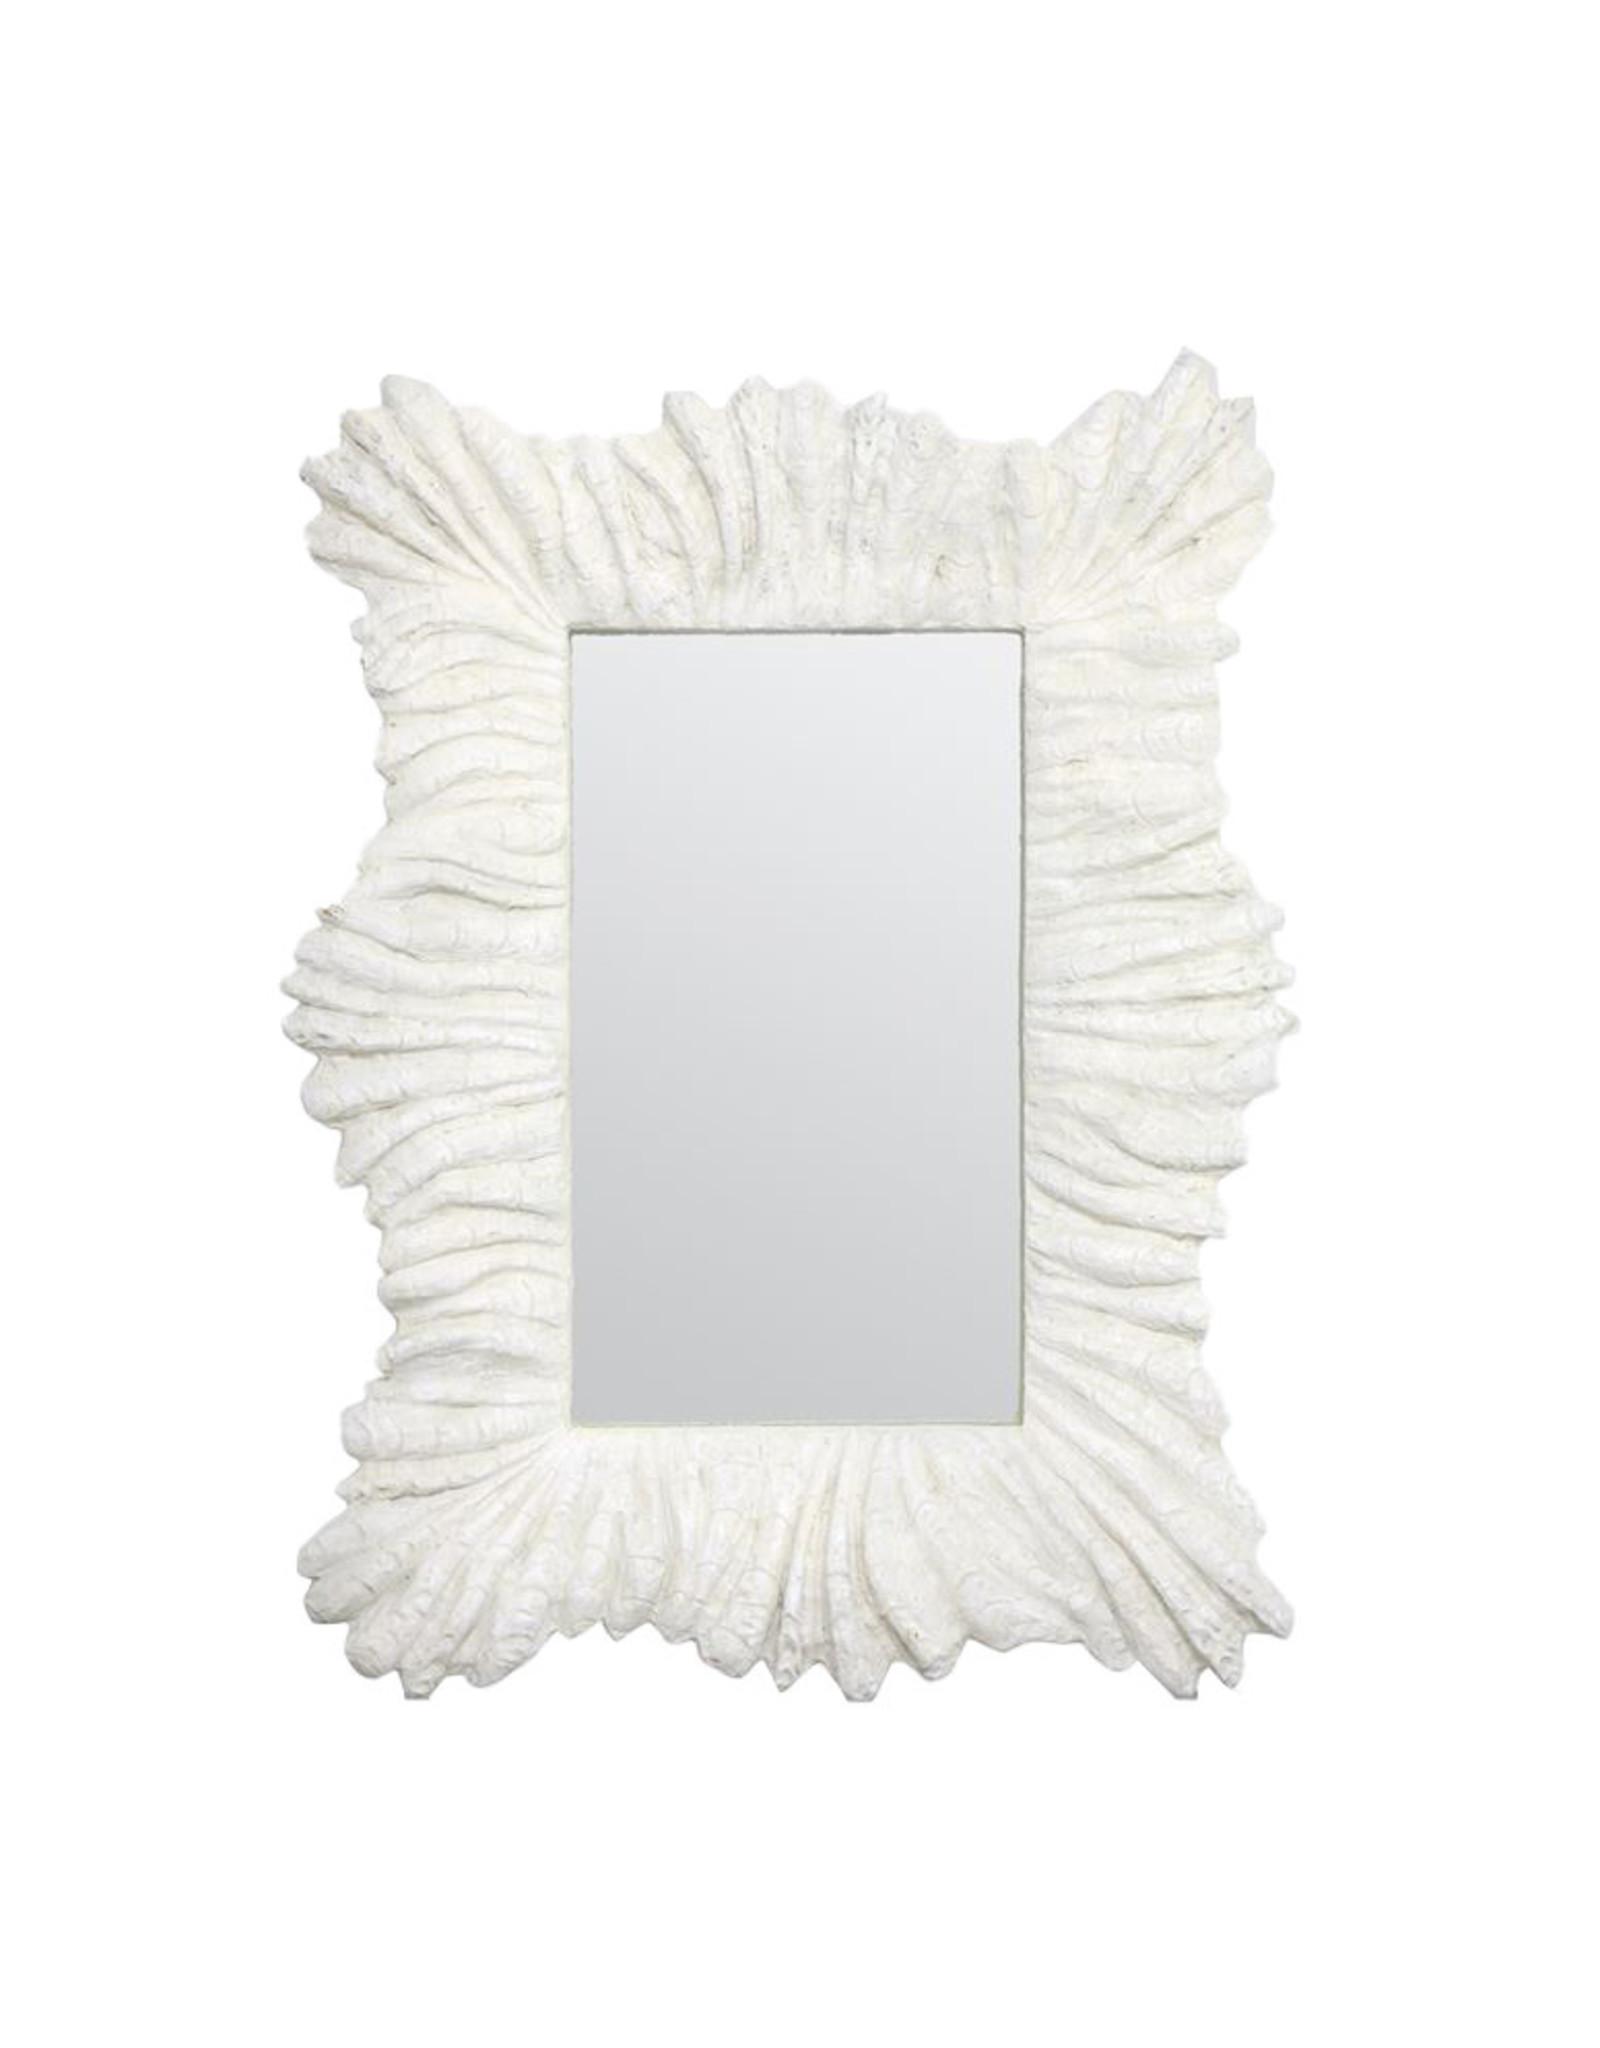 Baroque, White Coral Mirror